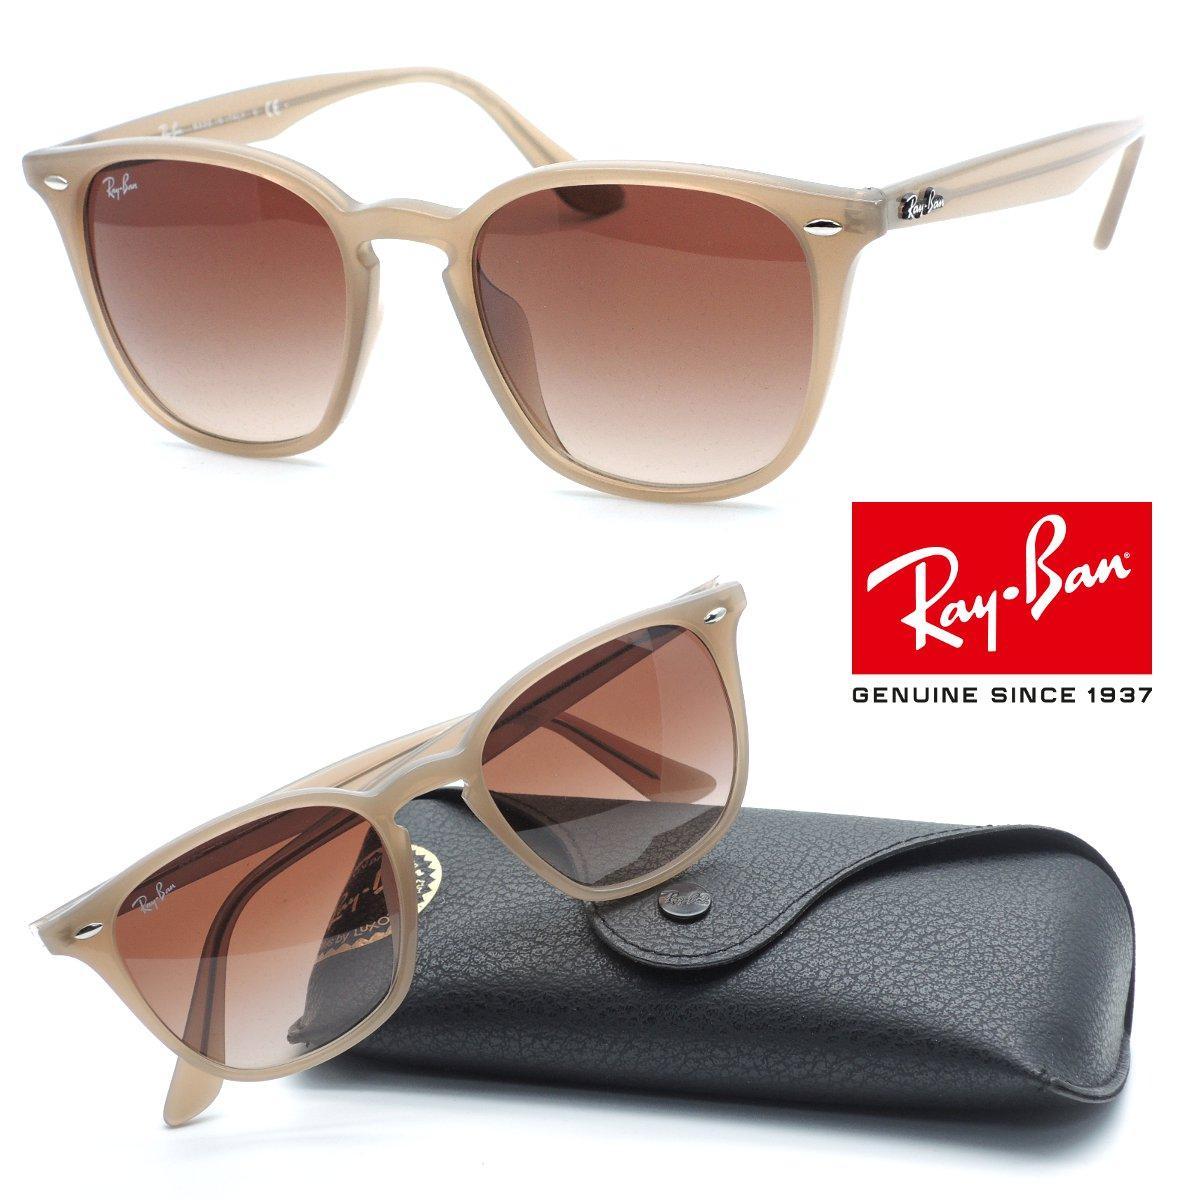 【レイバン】RayBan RB4258-F 6166/13 サングラス 【ルックスオティカジャパン正規品】【Ray-Ban】【店内全品送料無料】メンズ ユニセックス